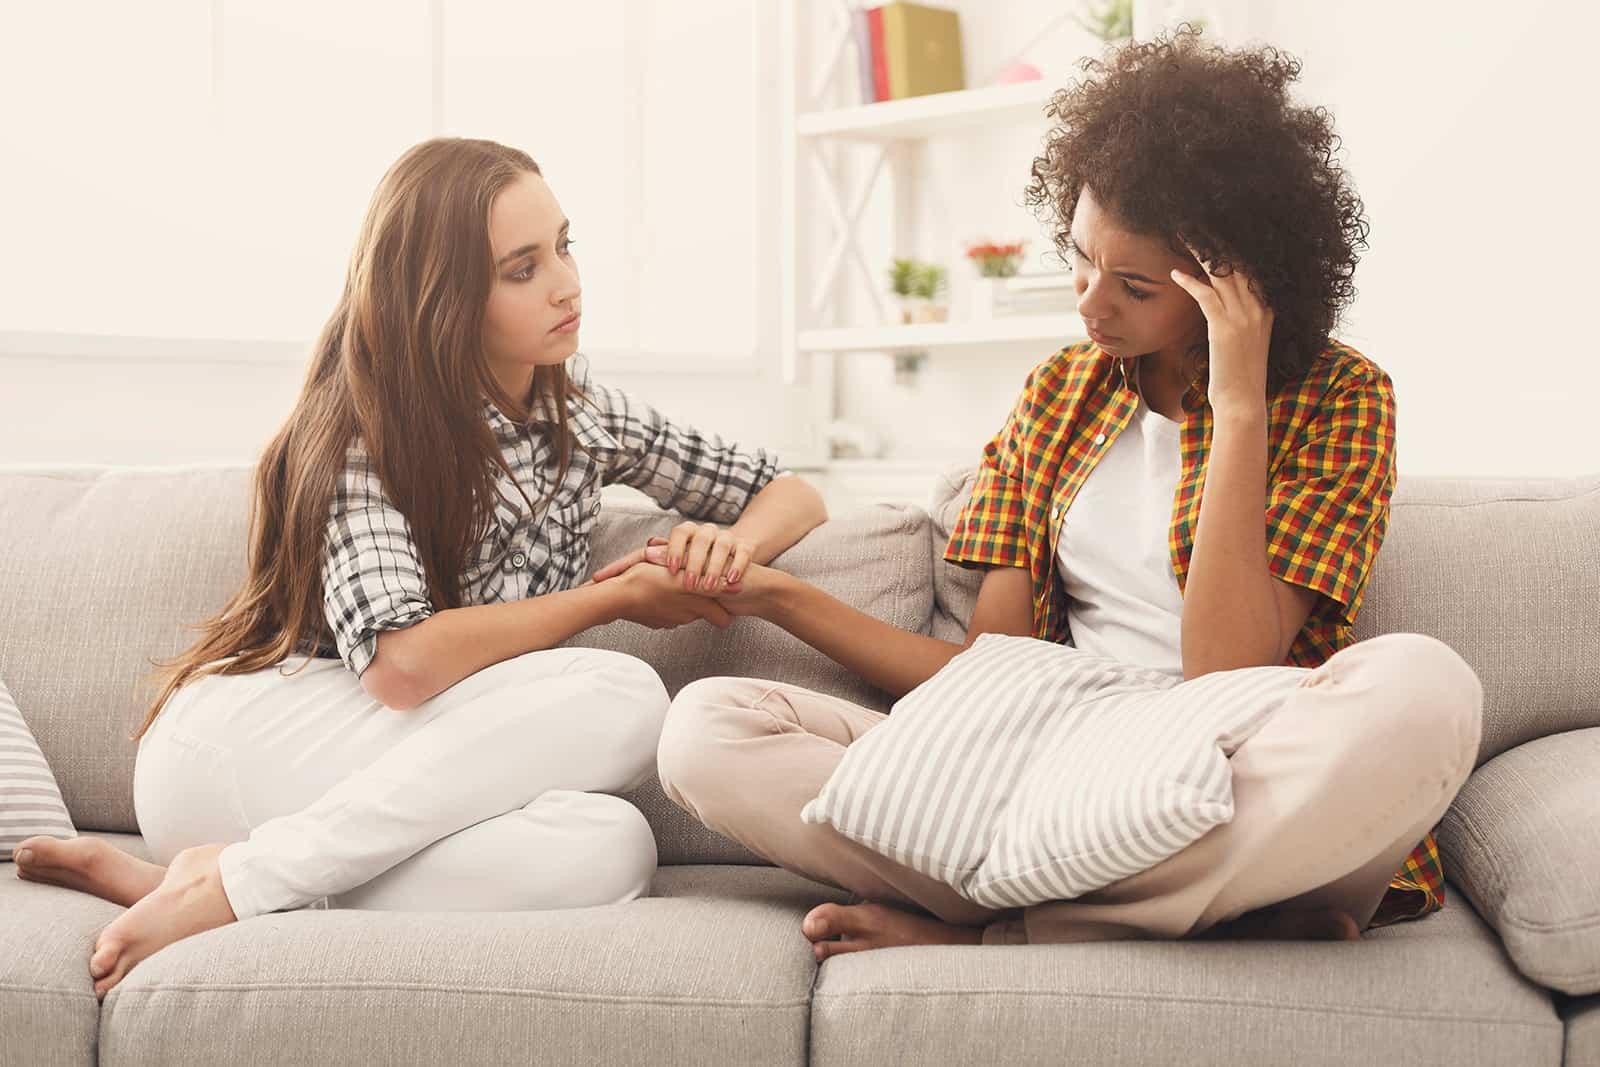 eine Frau tröstet ihre traurige Freundin, die auf der Couch sitzt